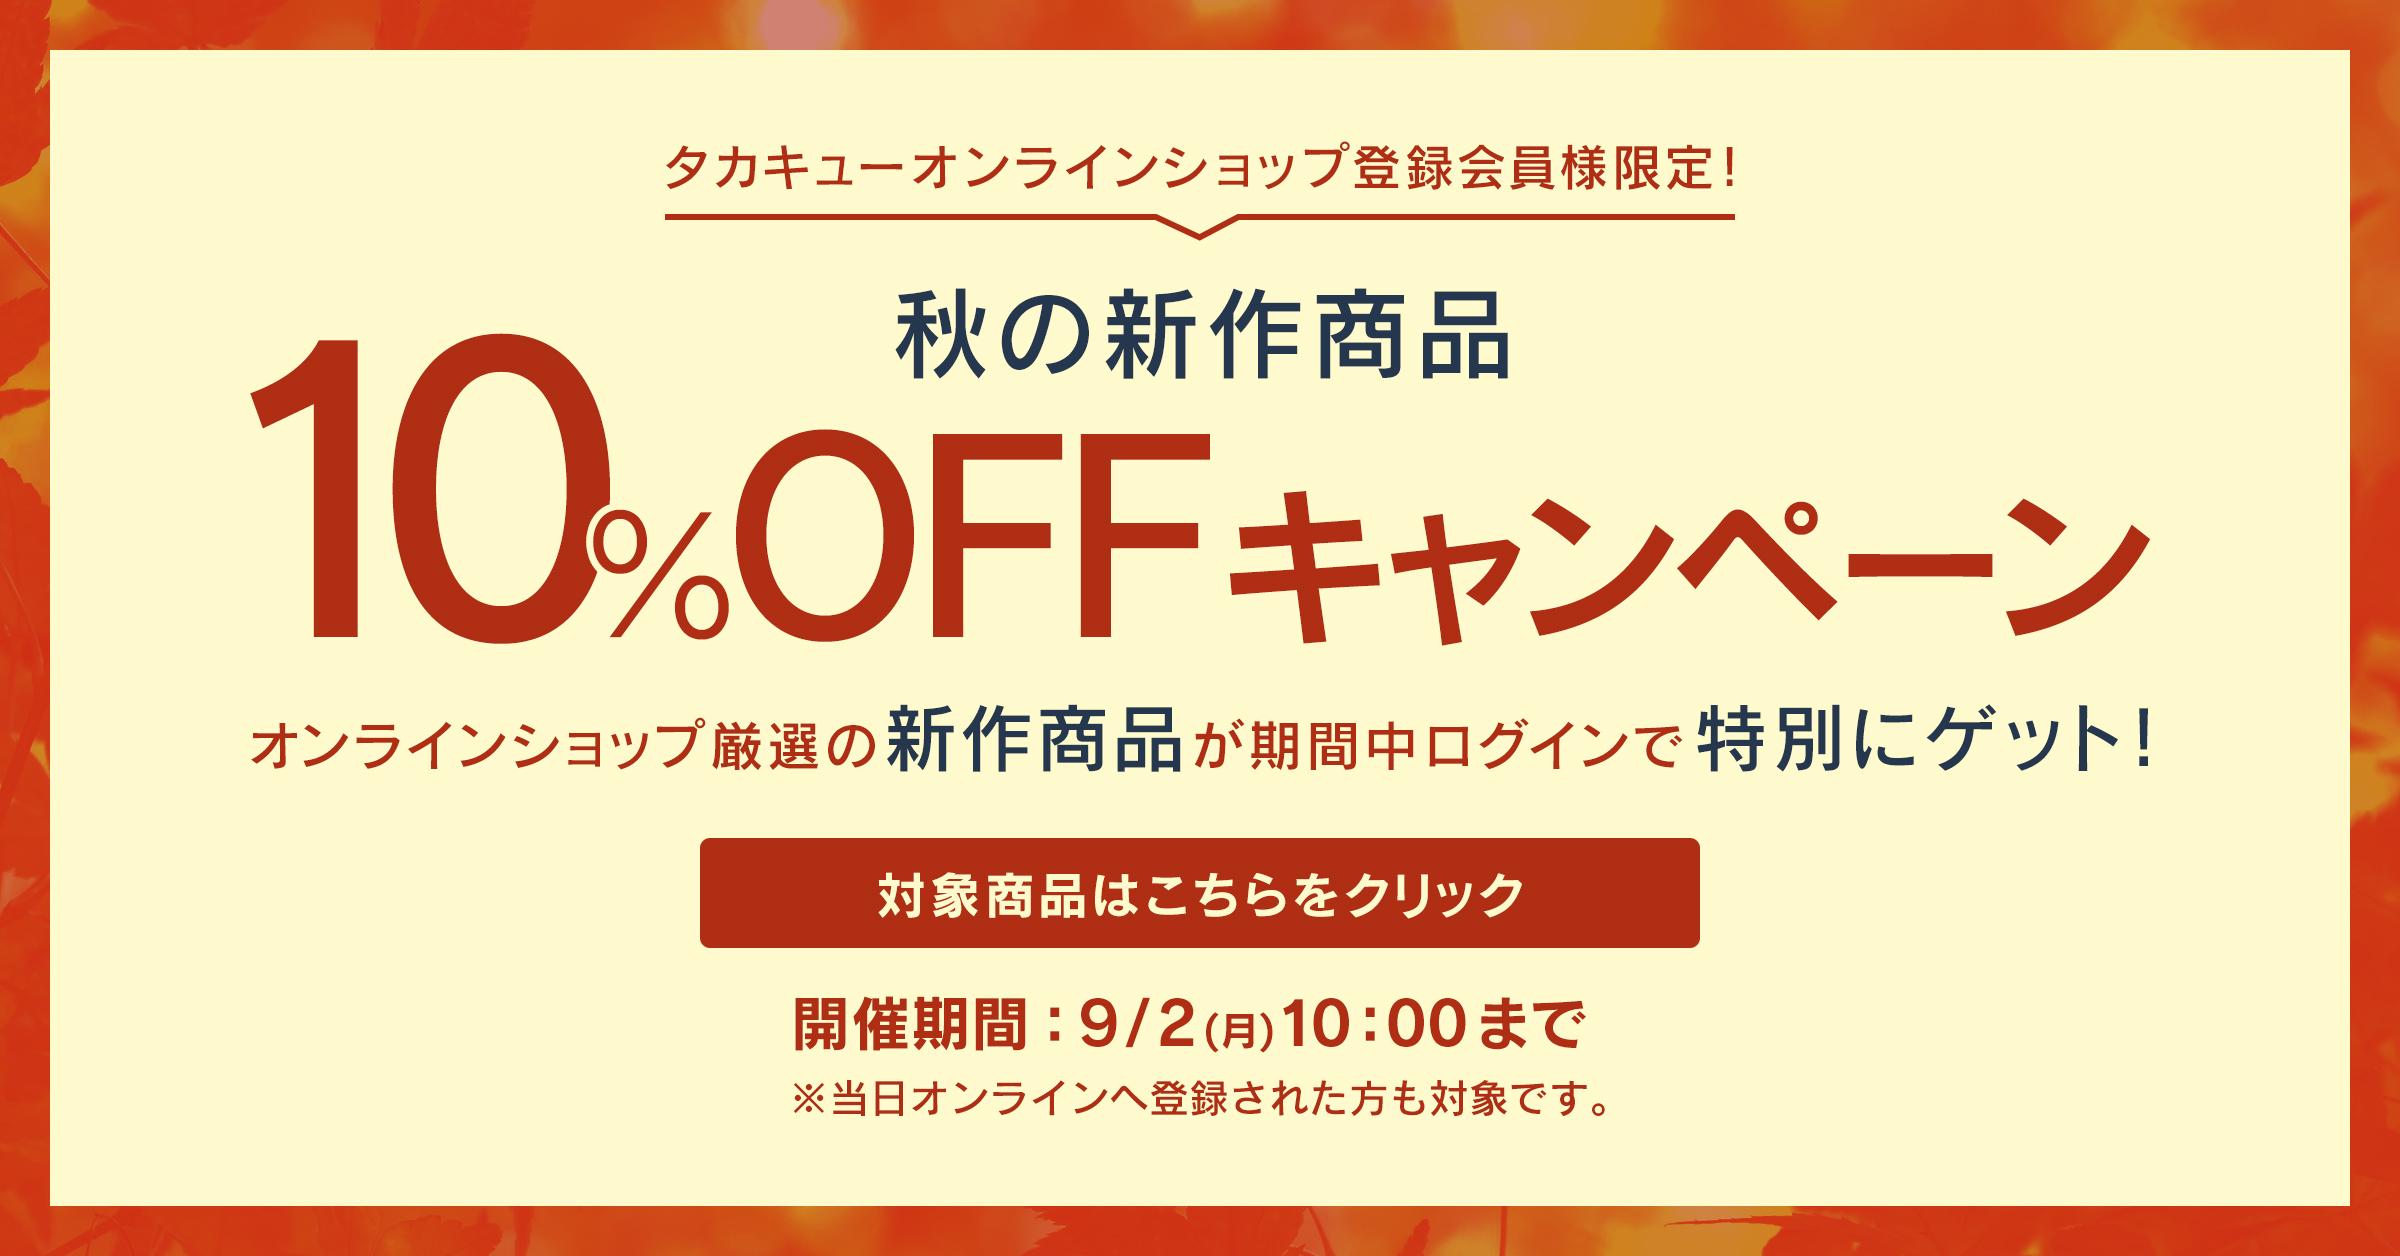 オンライン限定 秋の新作10%OFFキャンペーン